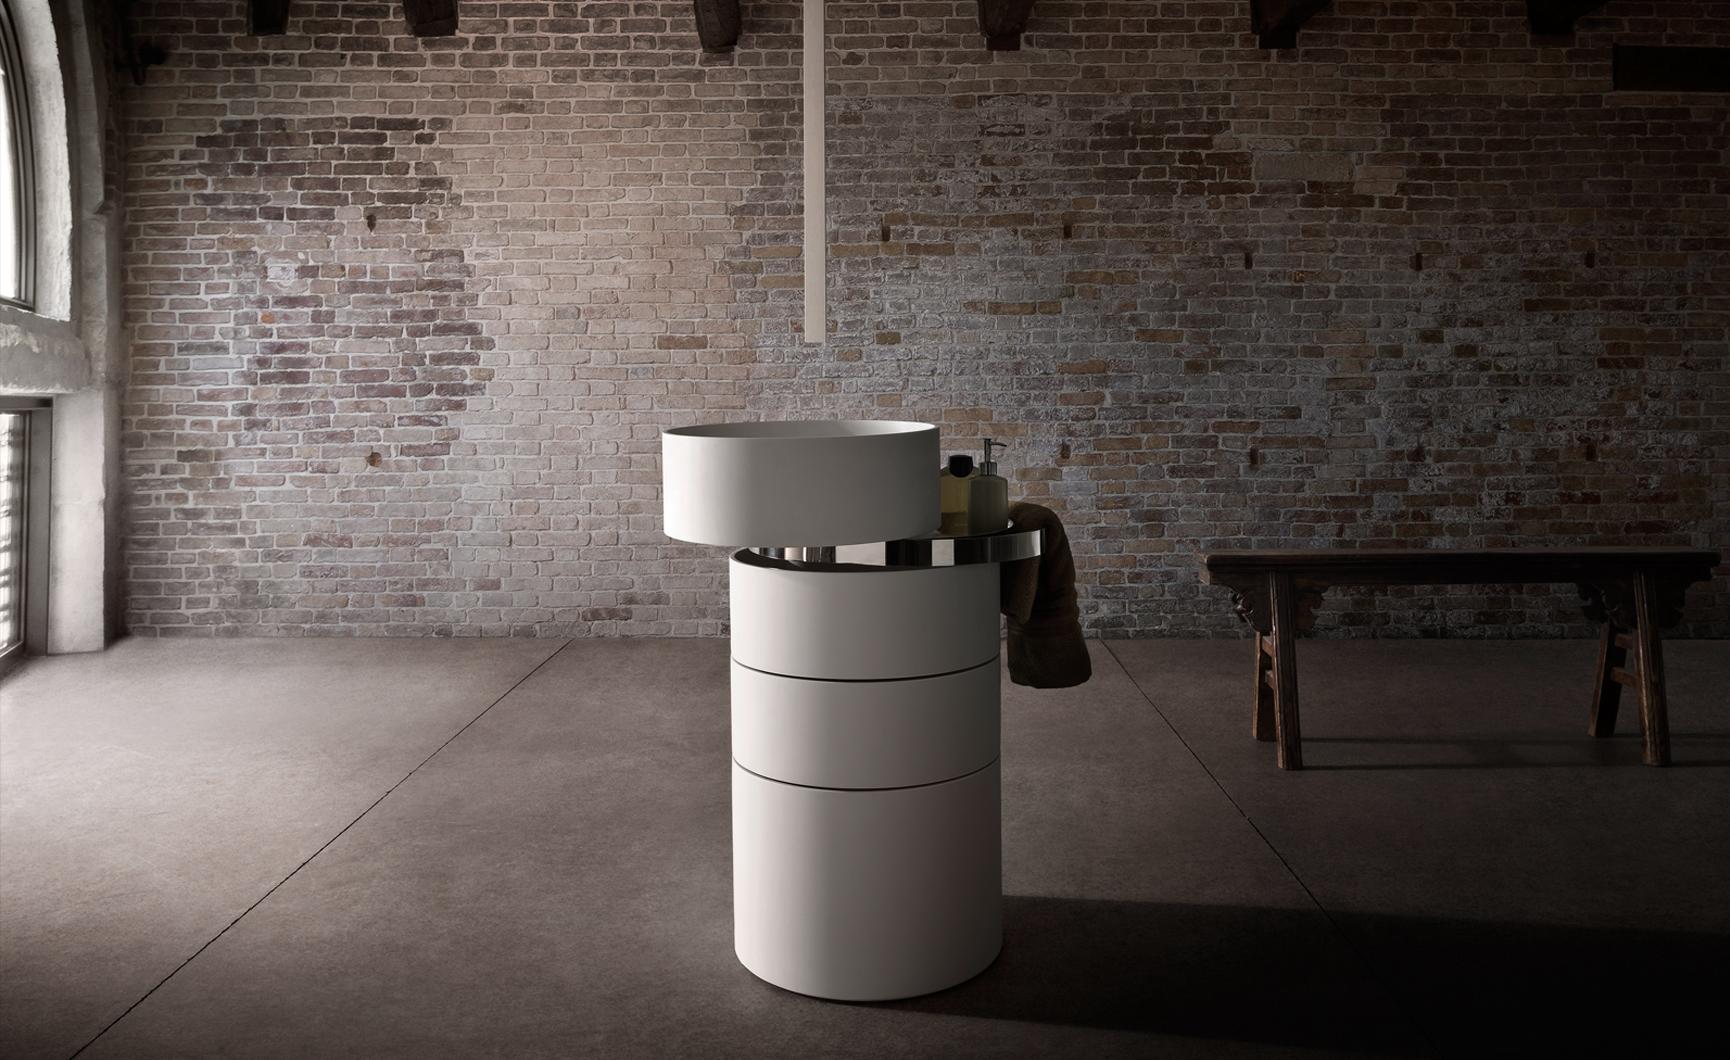 Design badkamermeubel met ingebouwde wastafel - Inspiraties - ShowHome ...